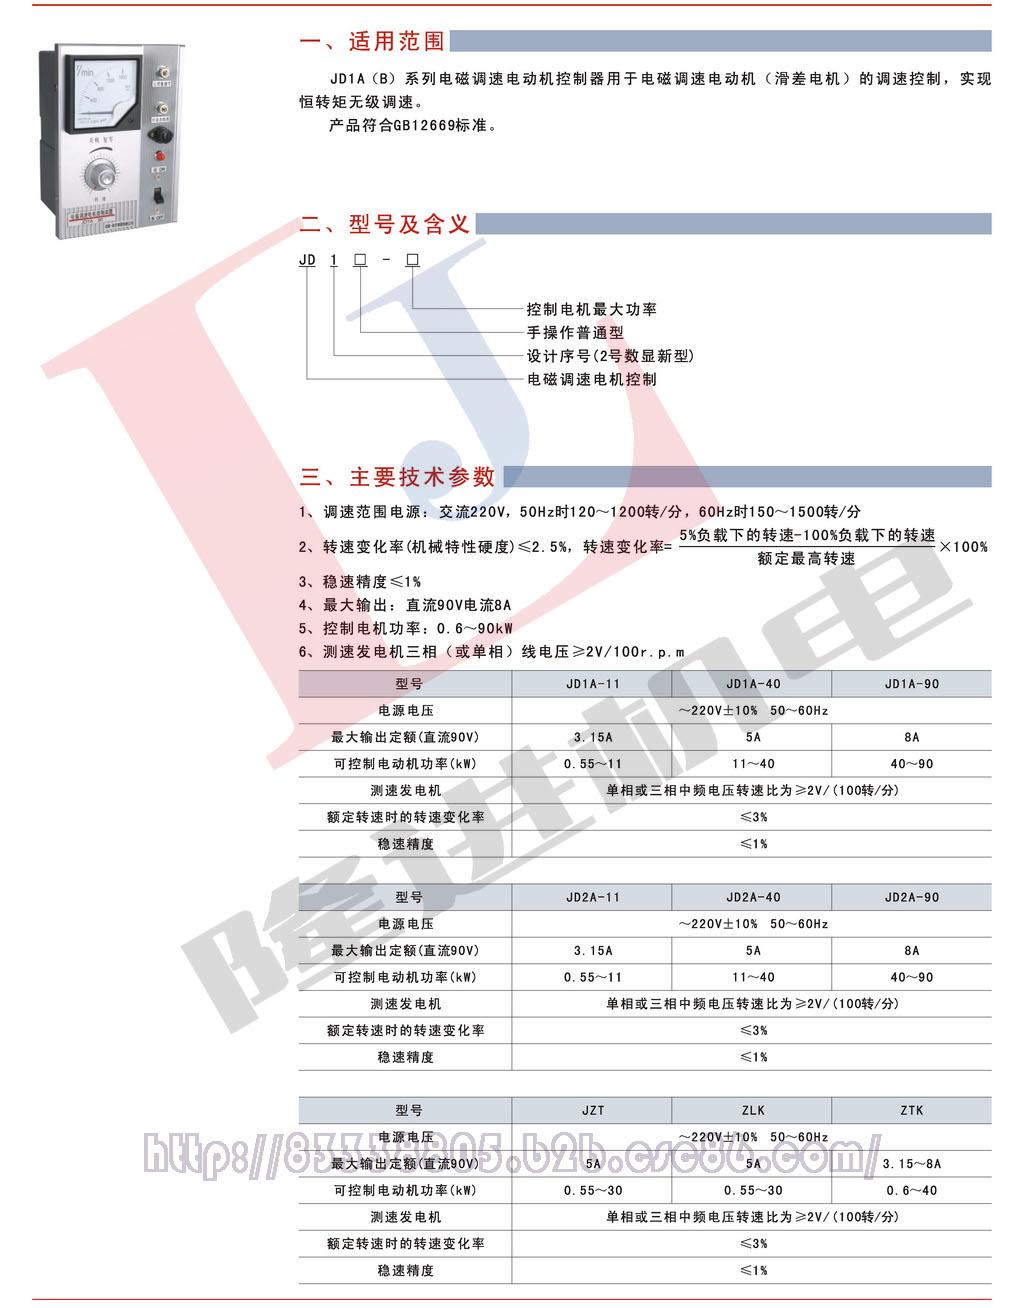 环宇JD1A系列调速器控制器图片一